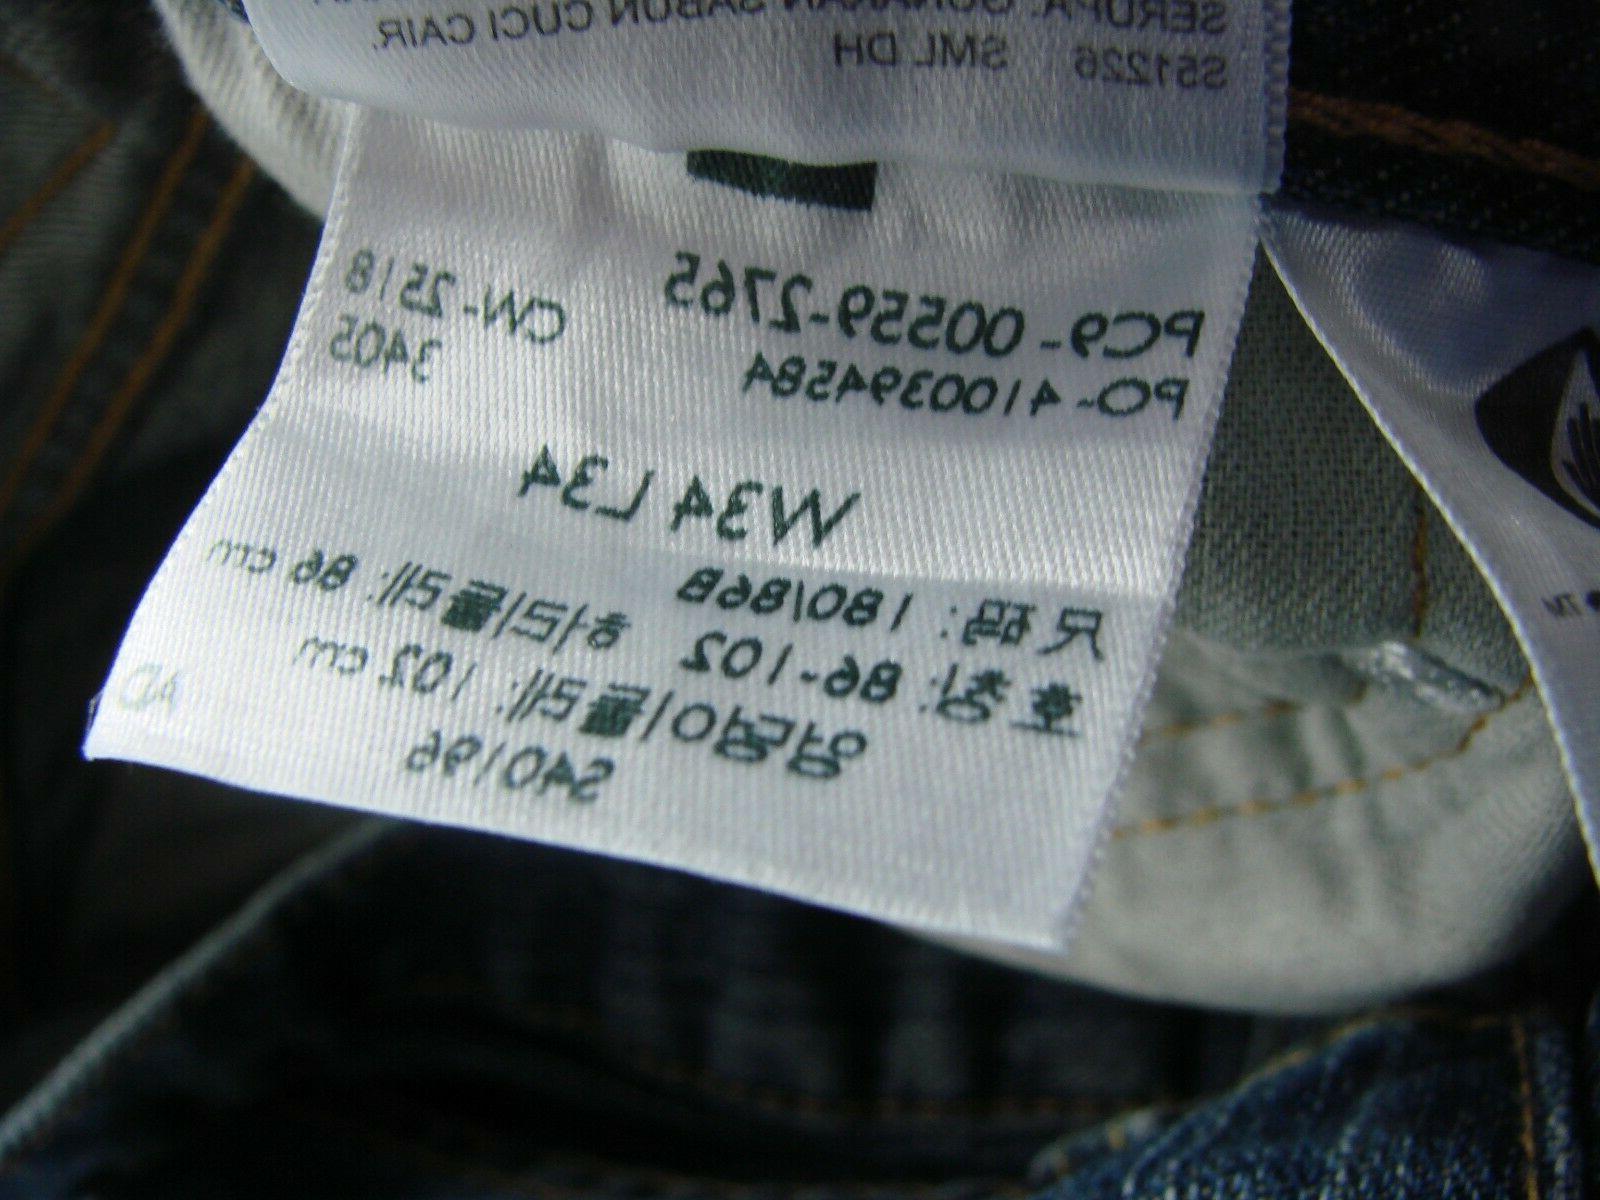 Levi's Straight Fit Jean, 34W x 34L 2765 CW-2518